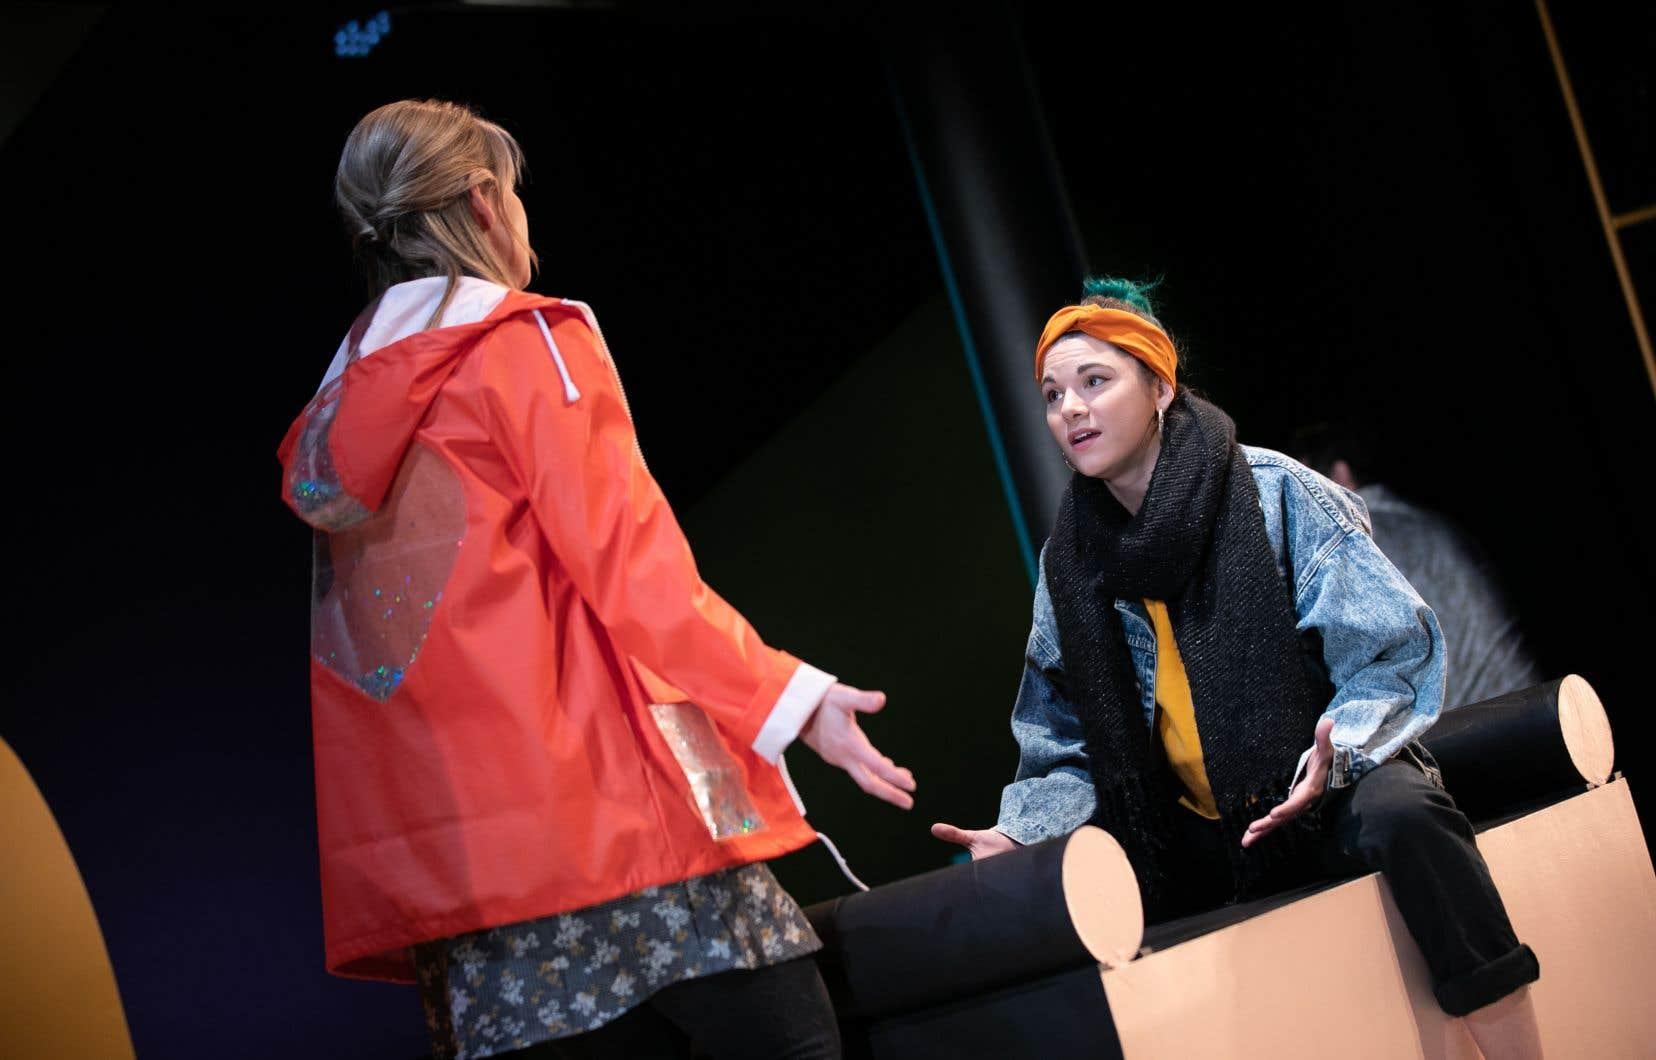 Dans «Rotterdam», un humour vif livré avec agilité par les comédiens vient équilibrer les passages plus dramatiques.